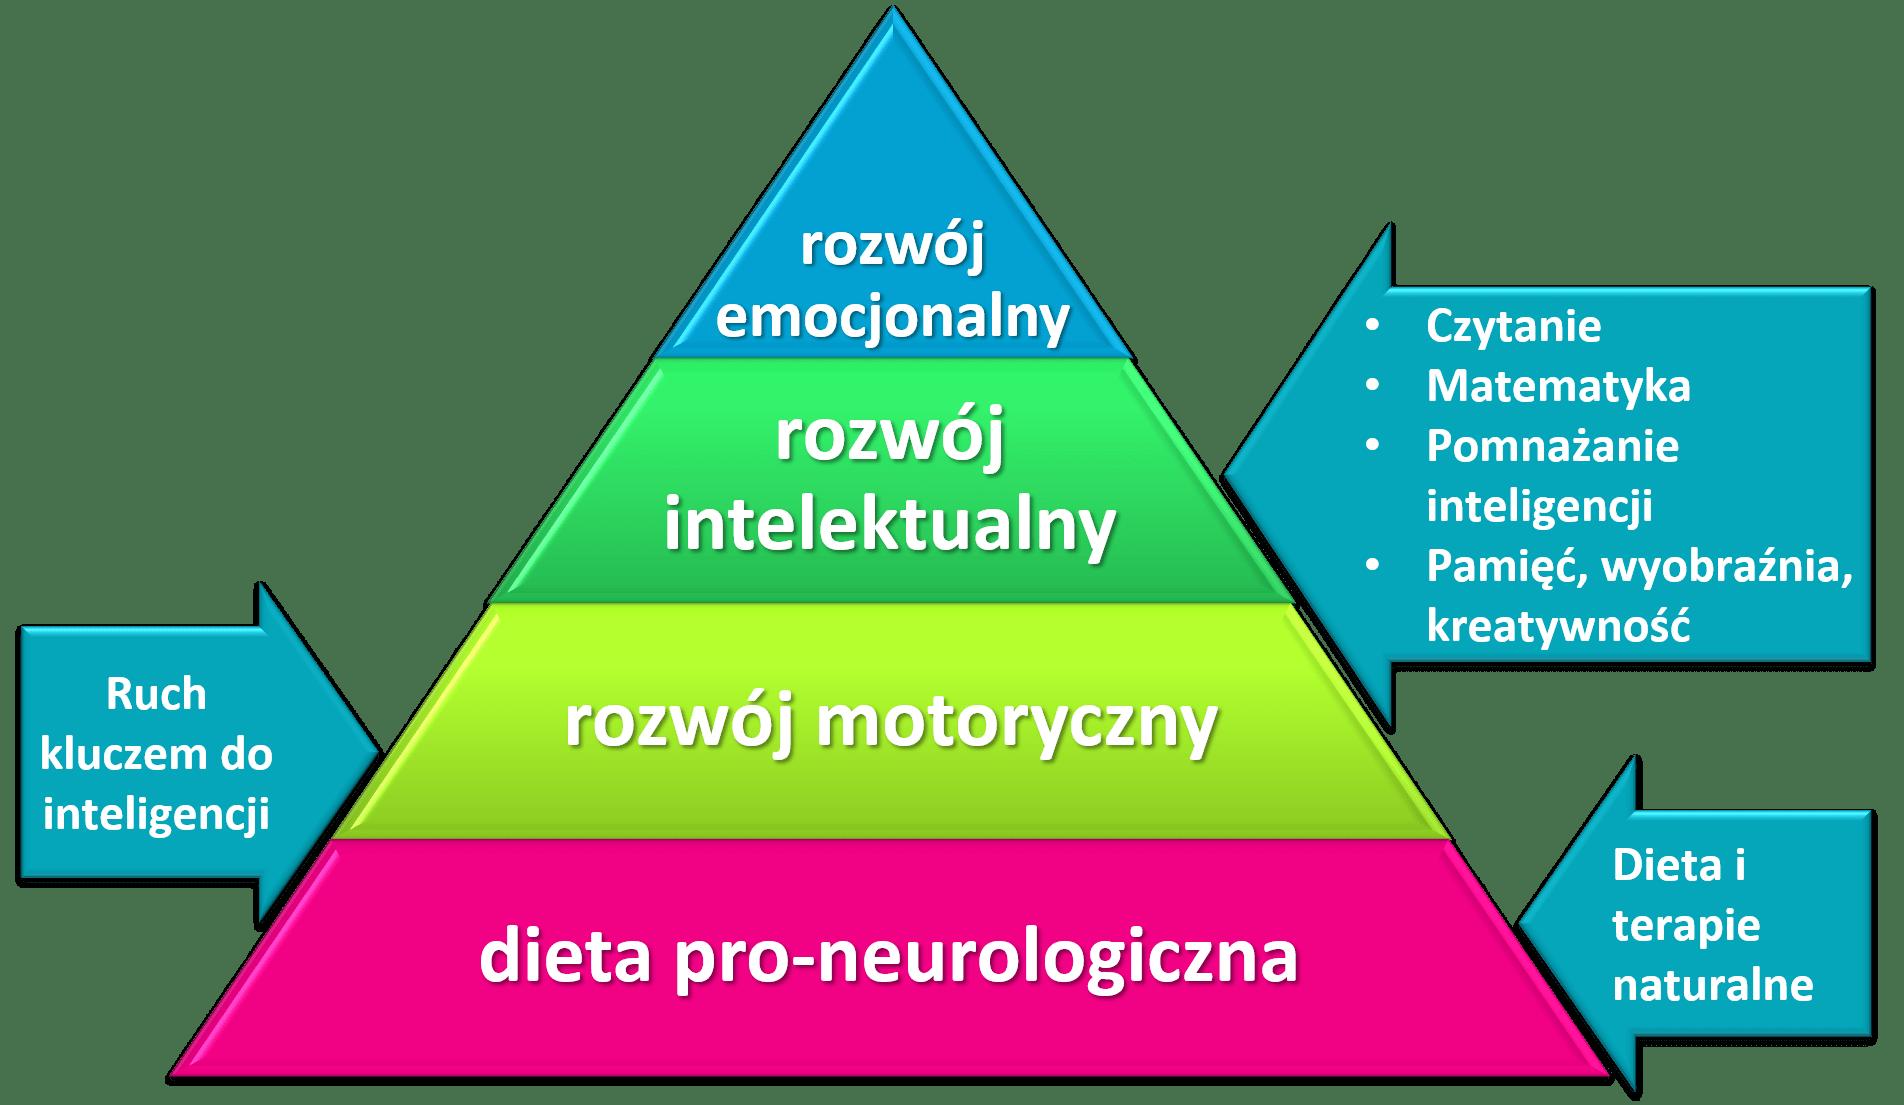 Piramida Rozwoju Dziecka Schemat Jak Wspierać Rozwoju Dziecka